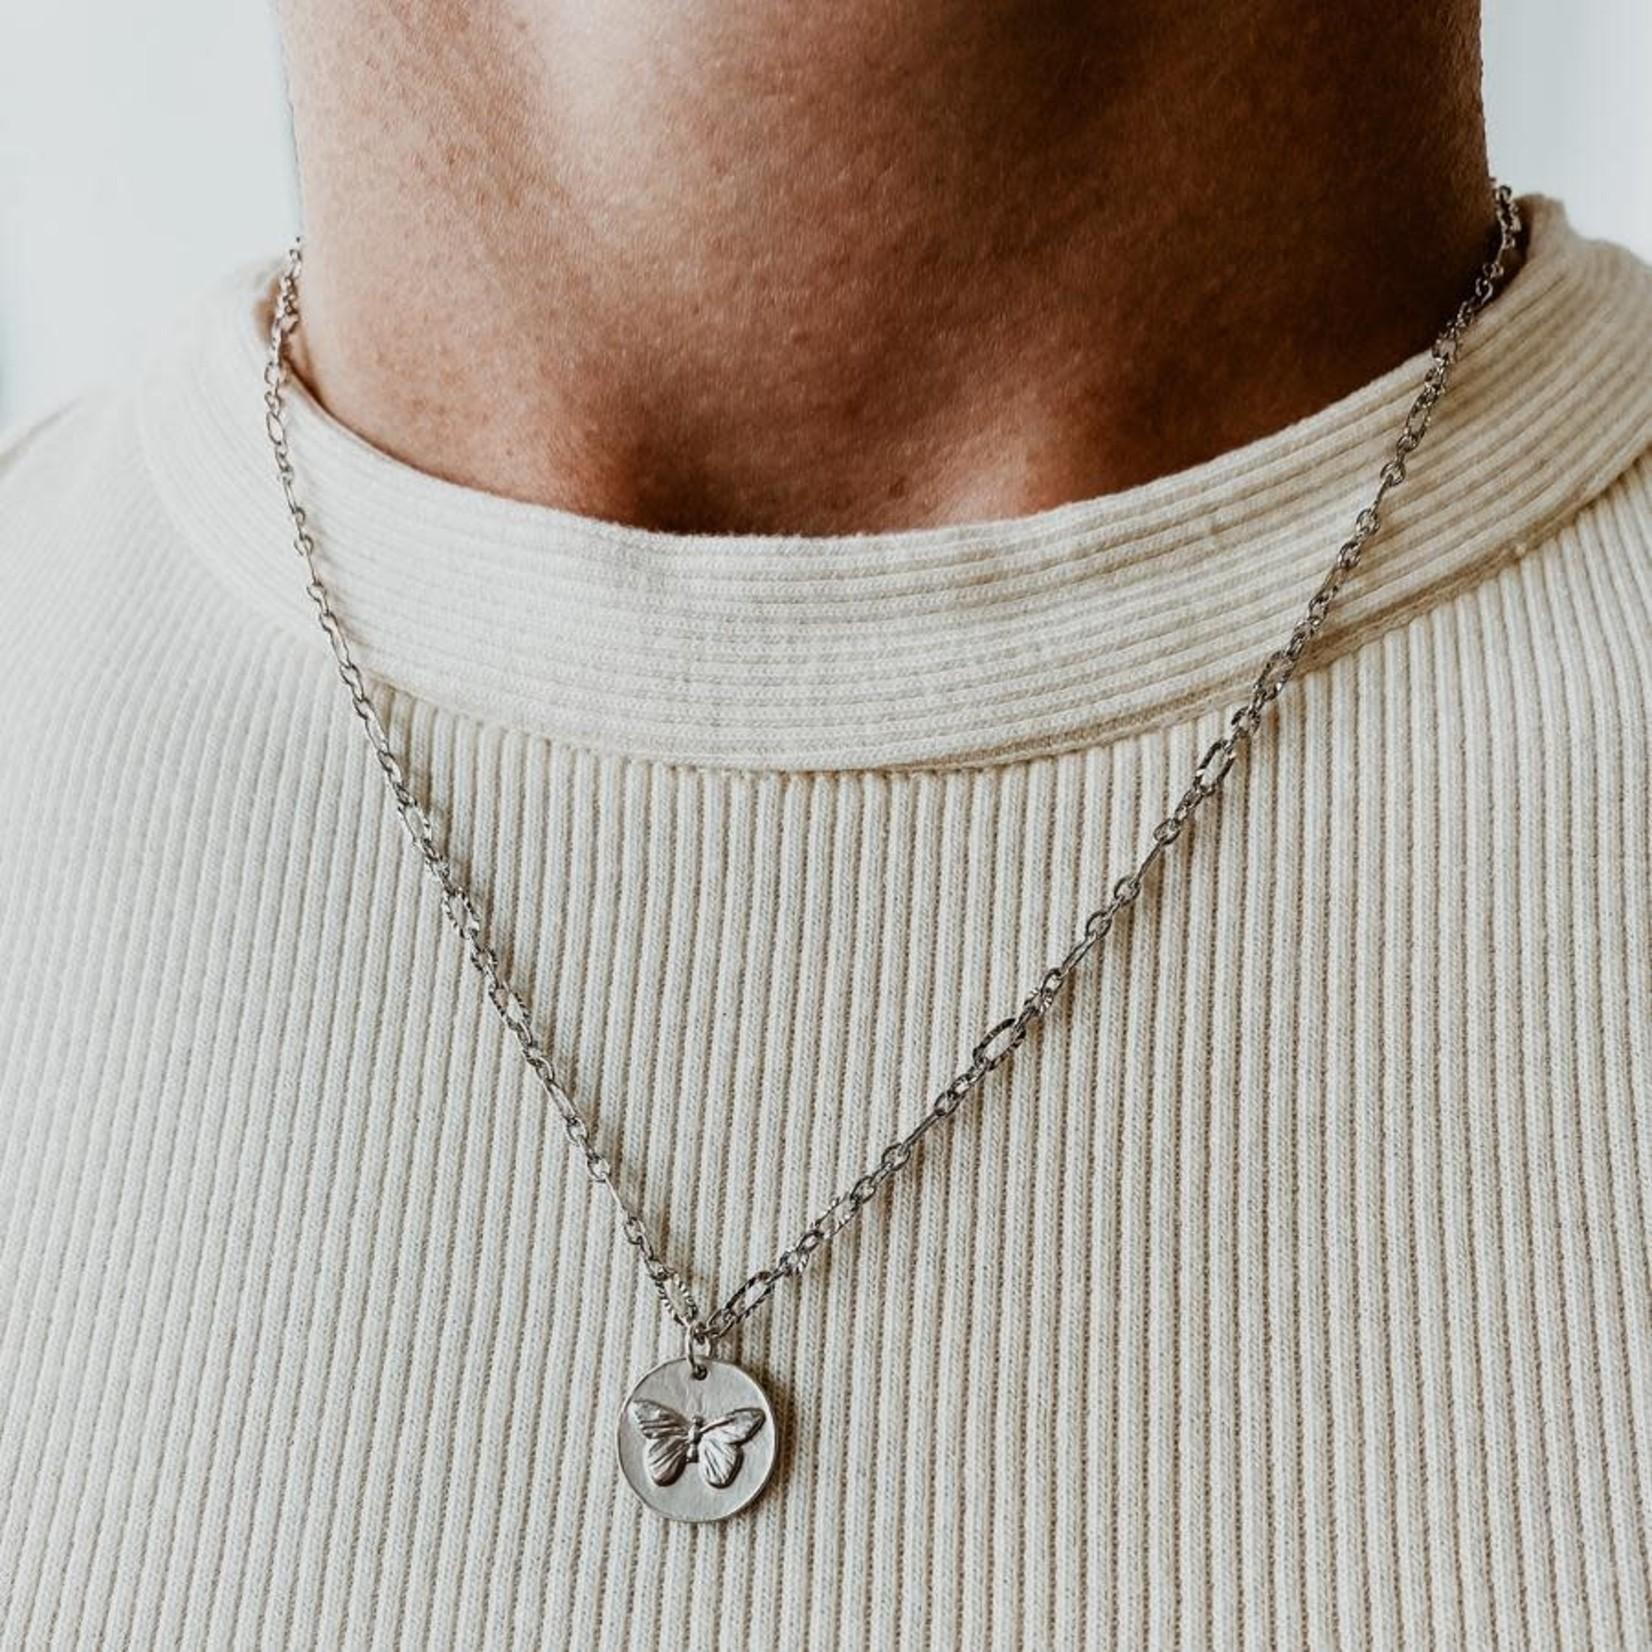 Horace Jewelry Horace collier FLYA